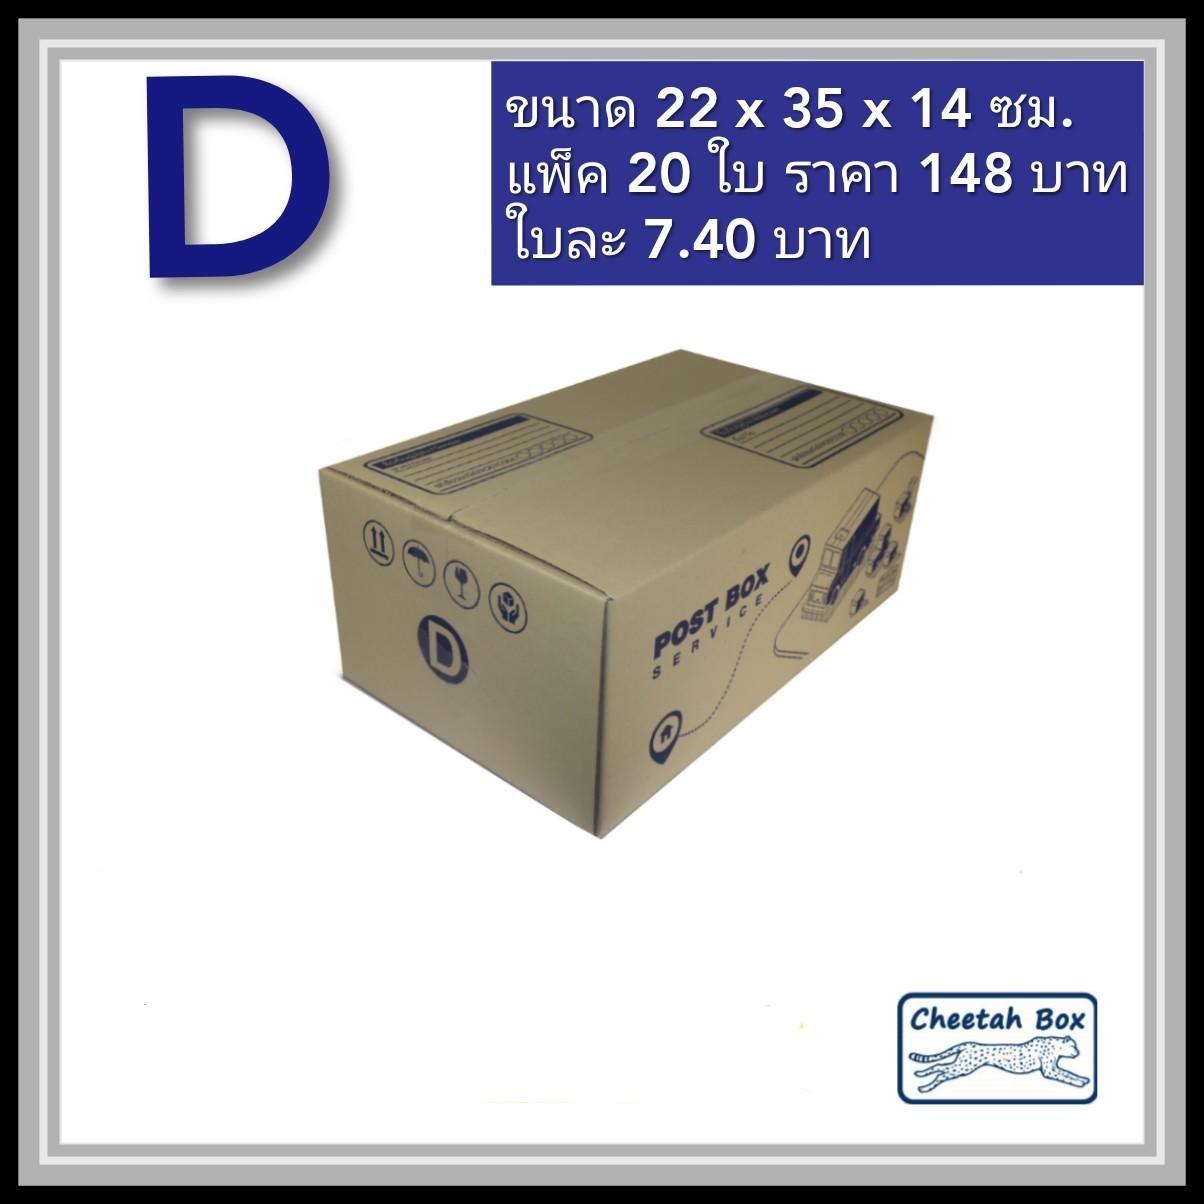 กล่องไปรษณีย์ D (Cheetah Box ขนาด 22*35*14 CM)